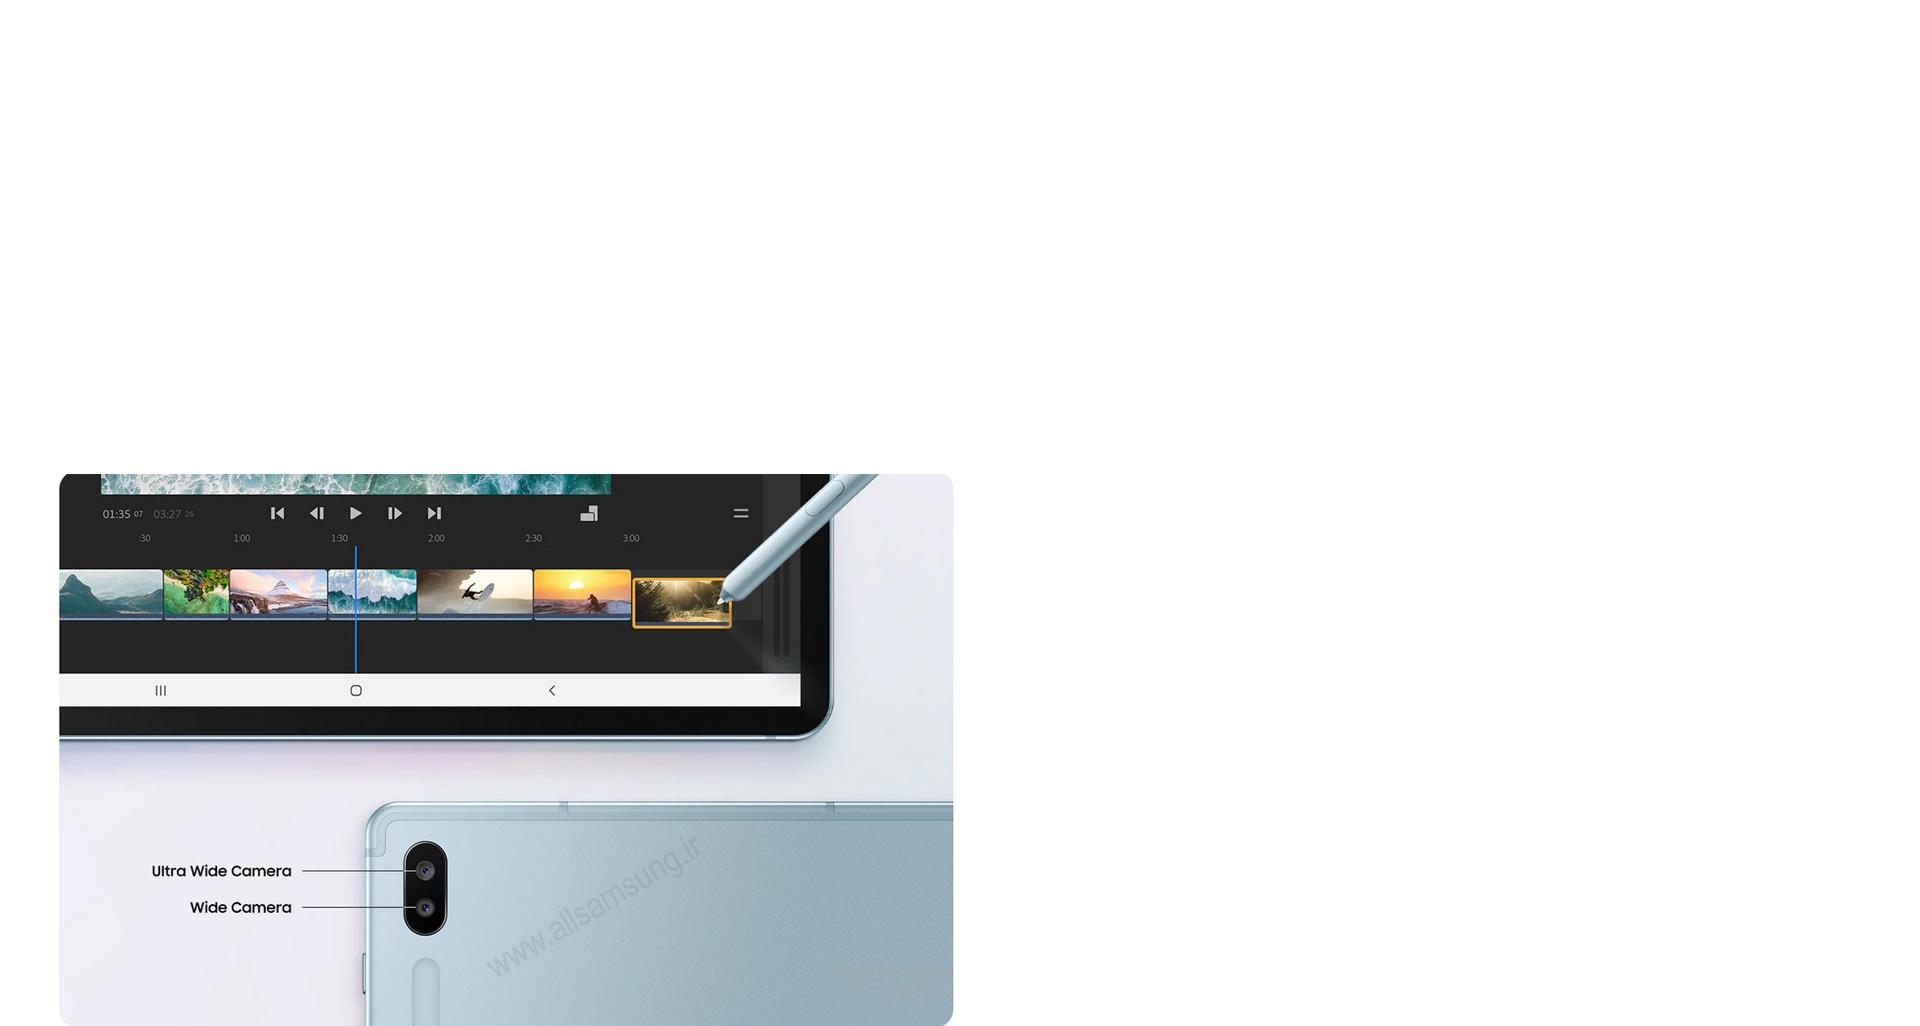 یک استودیوی کامل پخش فیلم در تب S6 سامسونگ